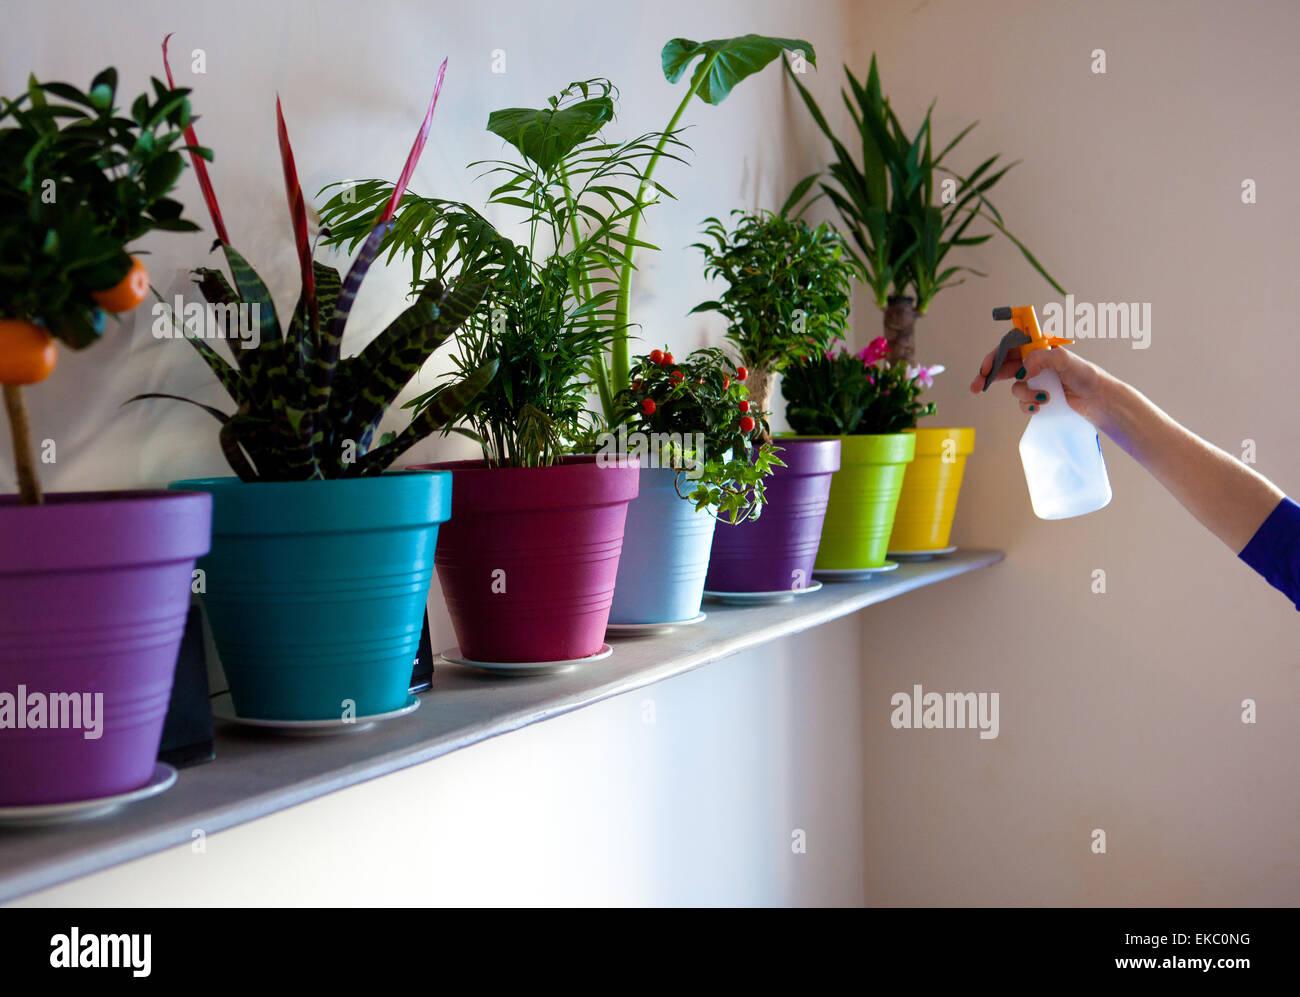 La mano della donna la spruzzatura di fila di piante in vaso con acqua Immagini Stock